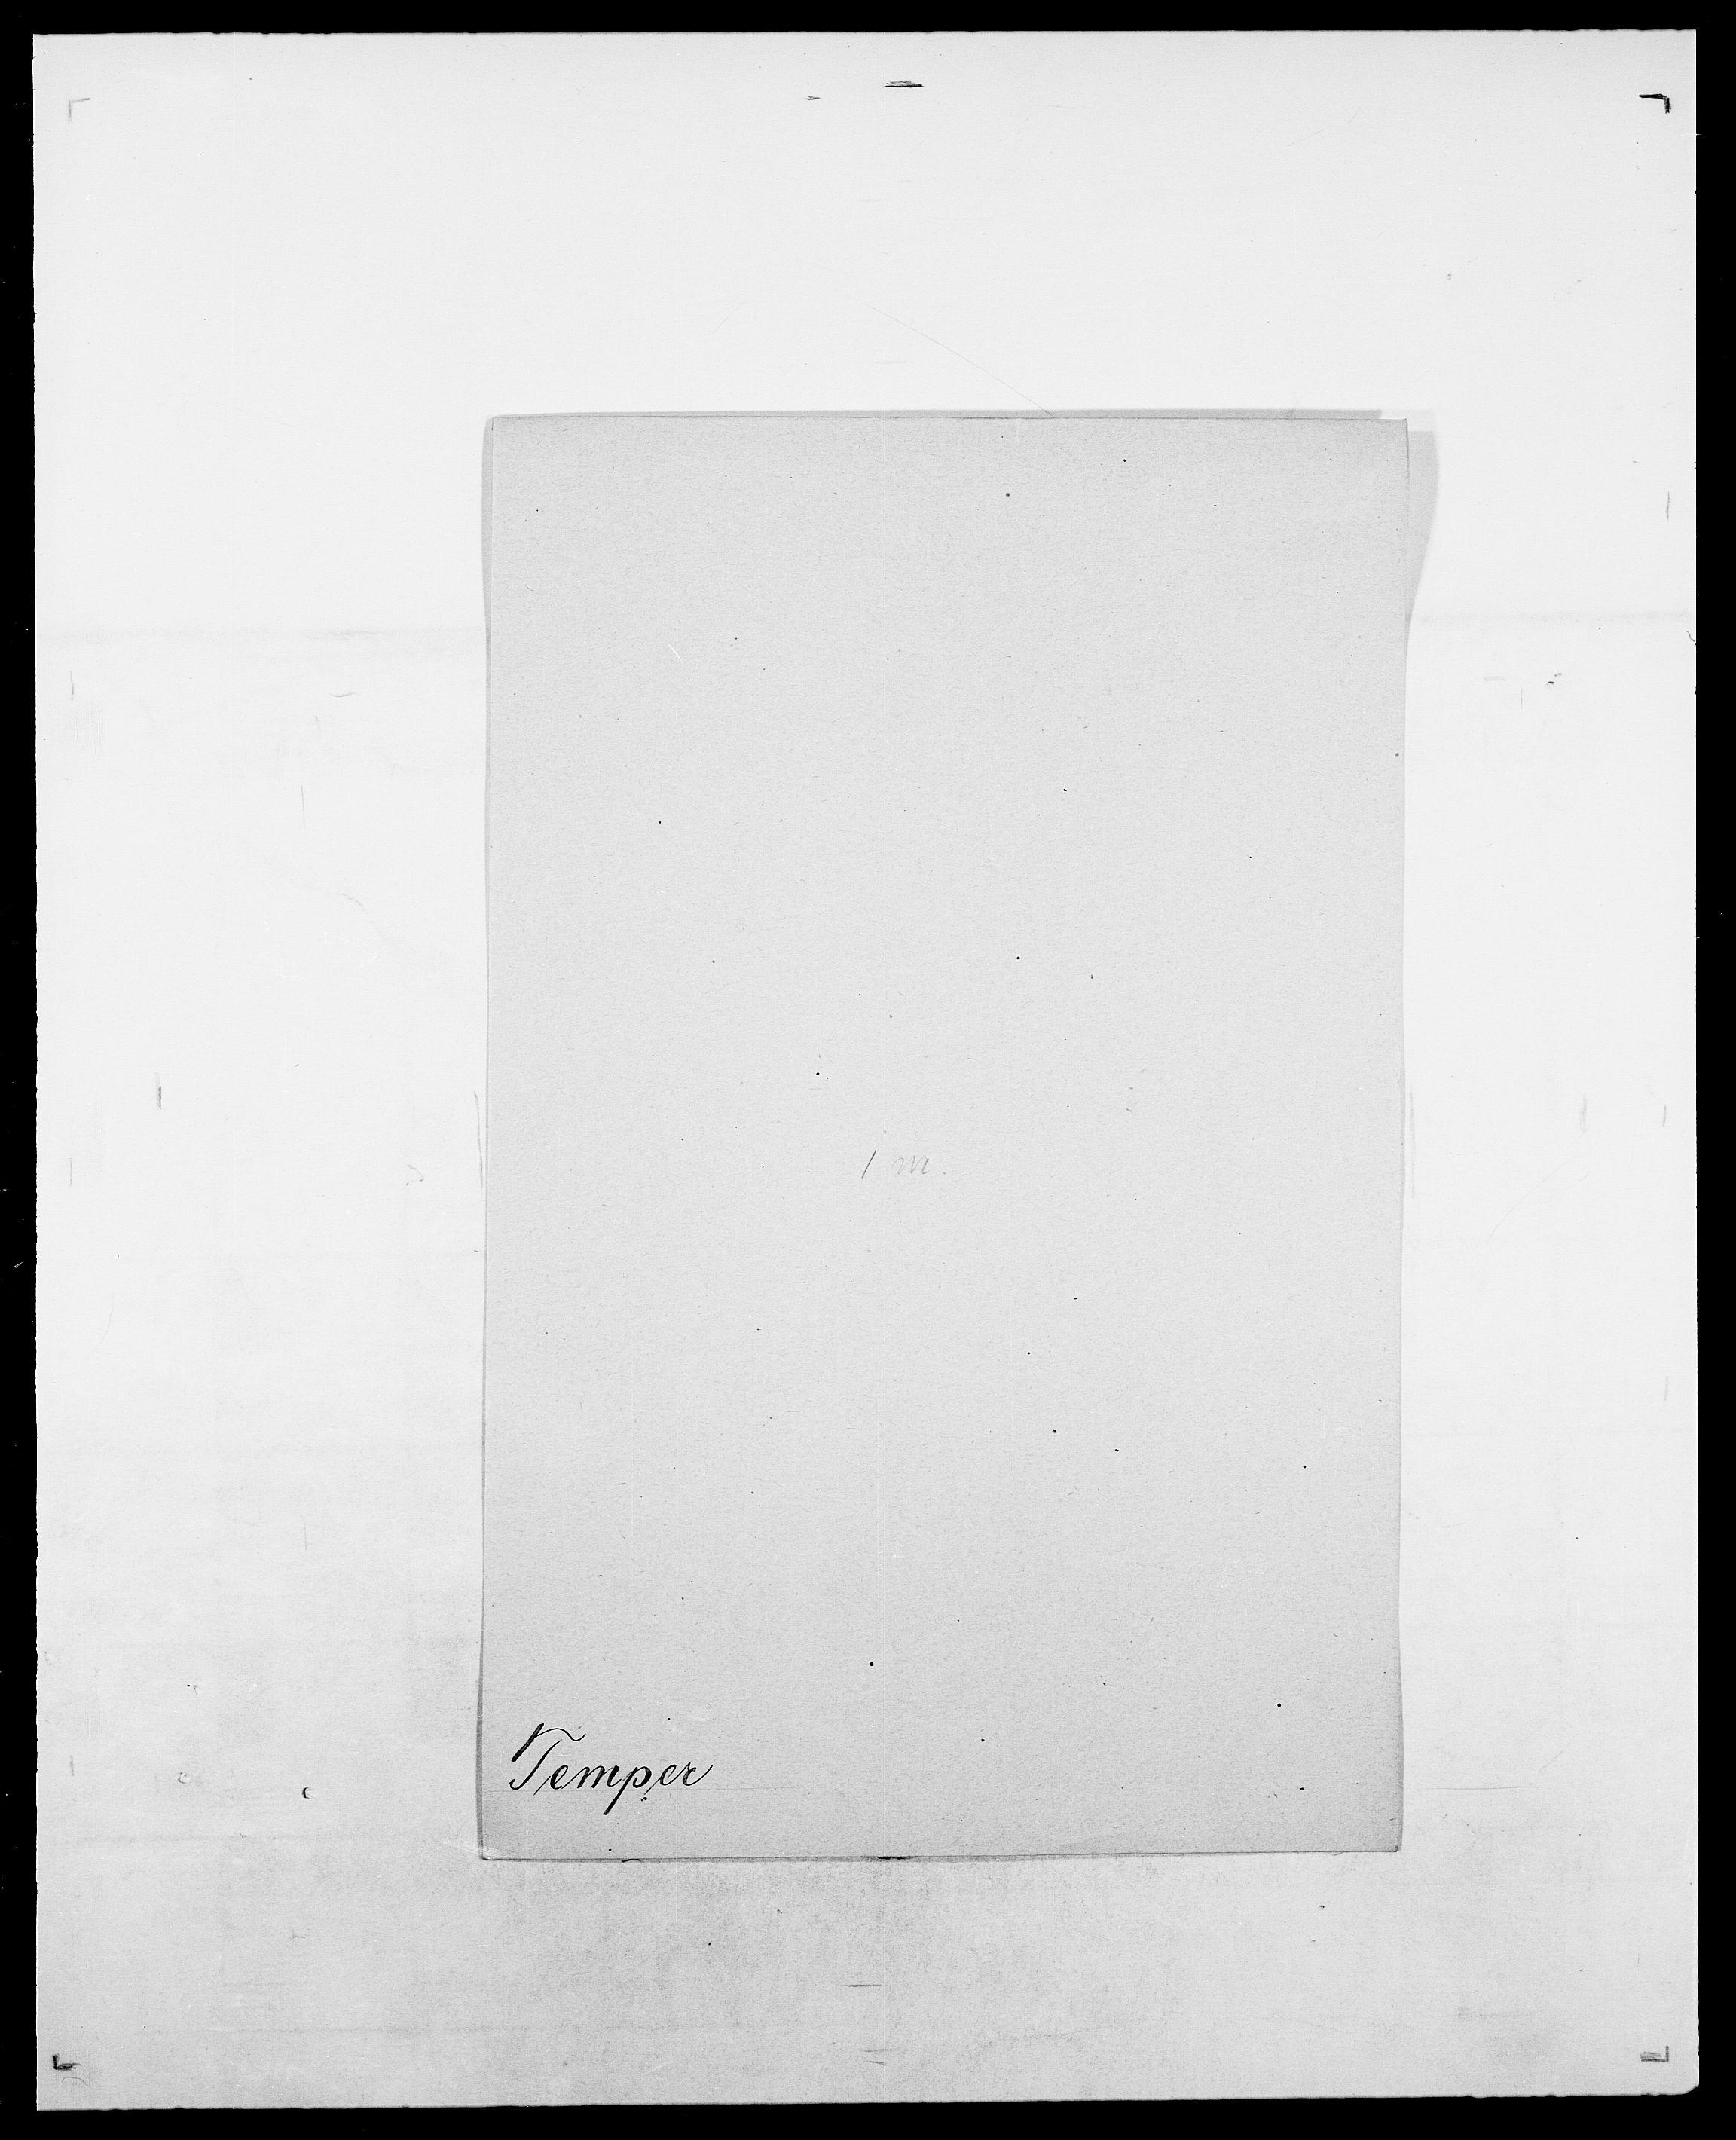 SAO, Delgobe, Charles Antoine - samling, D/Da/L0038: Svanenskjold - Thornsohn, s. 401